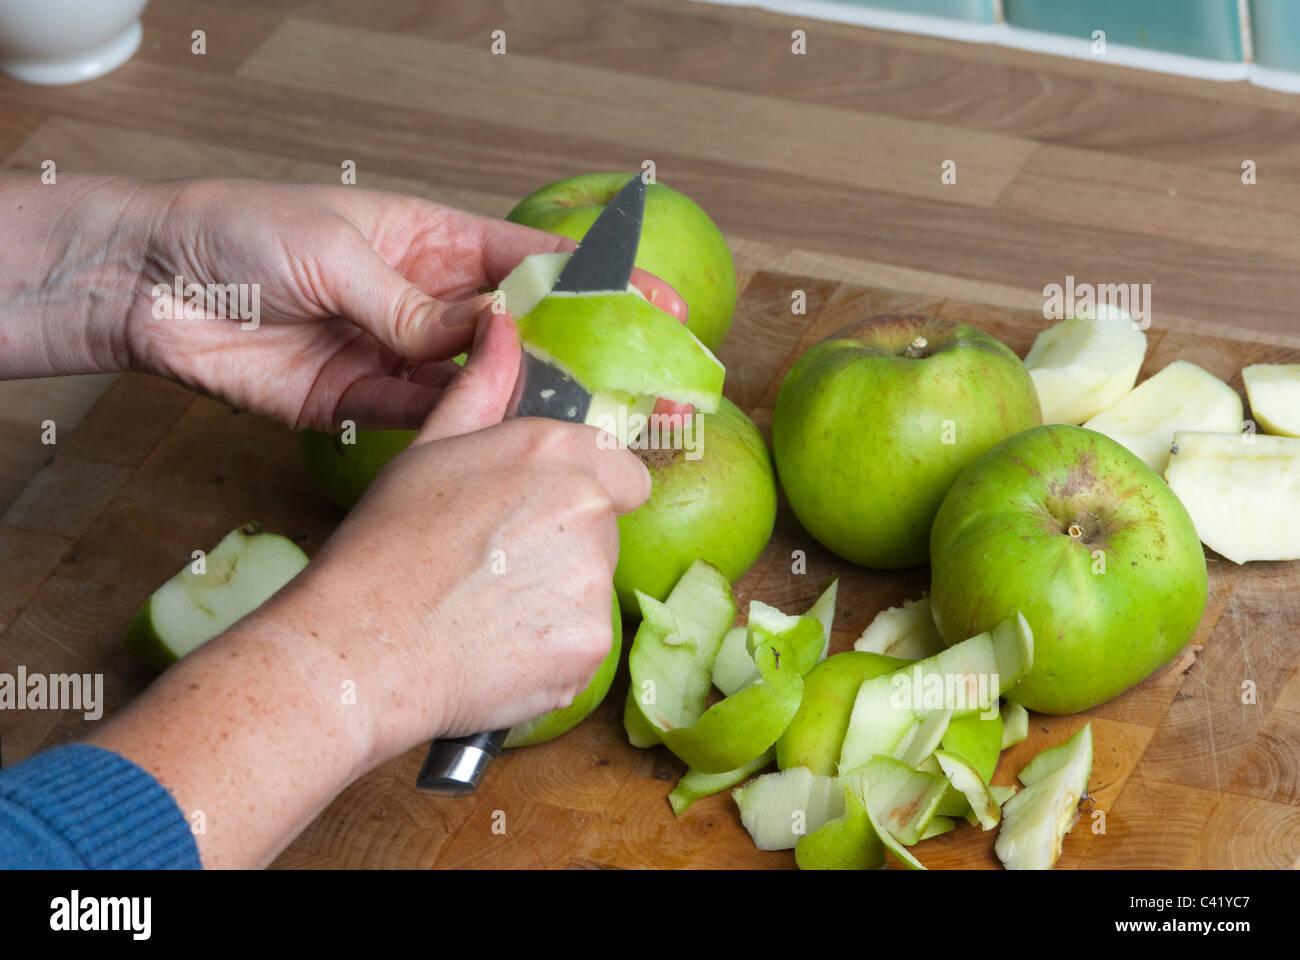 Mele essendo preparato per una torta REGNO UNITO Immagini Stock